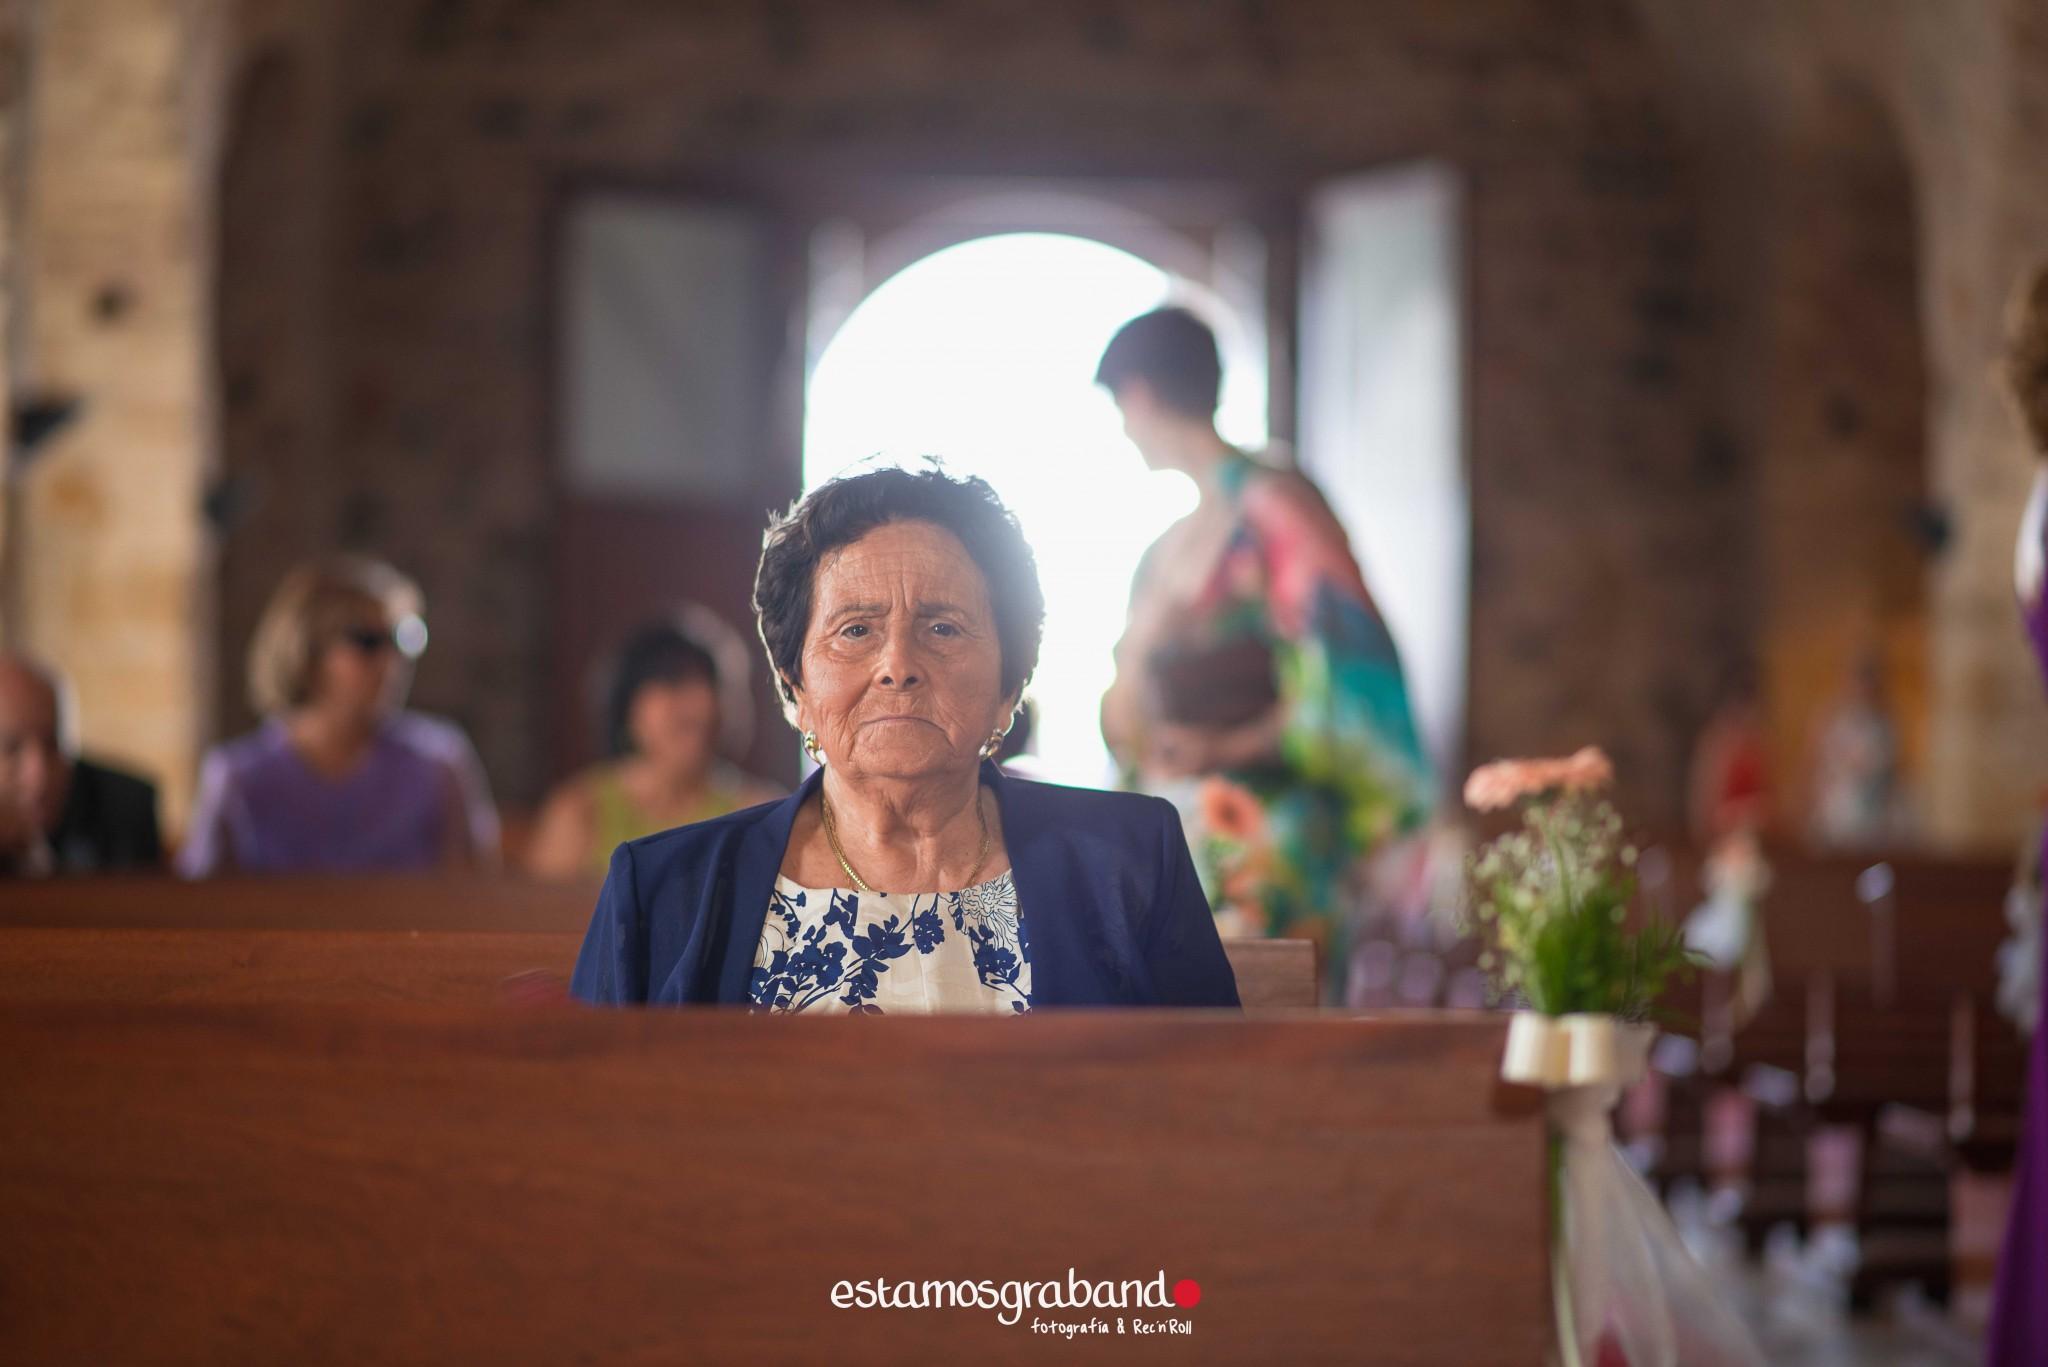 boda-en-chiclana_sonia-y-diego_fotograficc81a-de-boda-31 Zahara Sonia + Diego [Fotografía de Boda en Zahara] - video boda cadiz